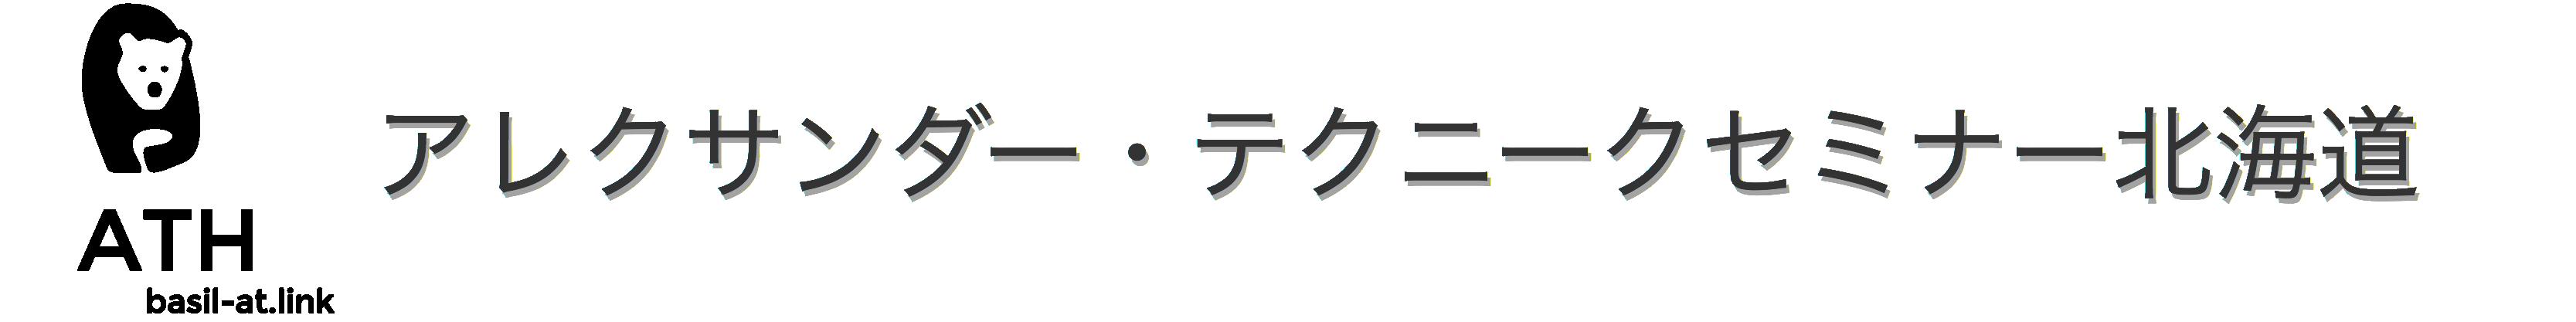 アレクサンダー・テクニークセミナー北海道